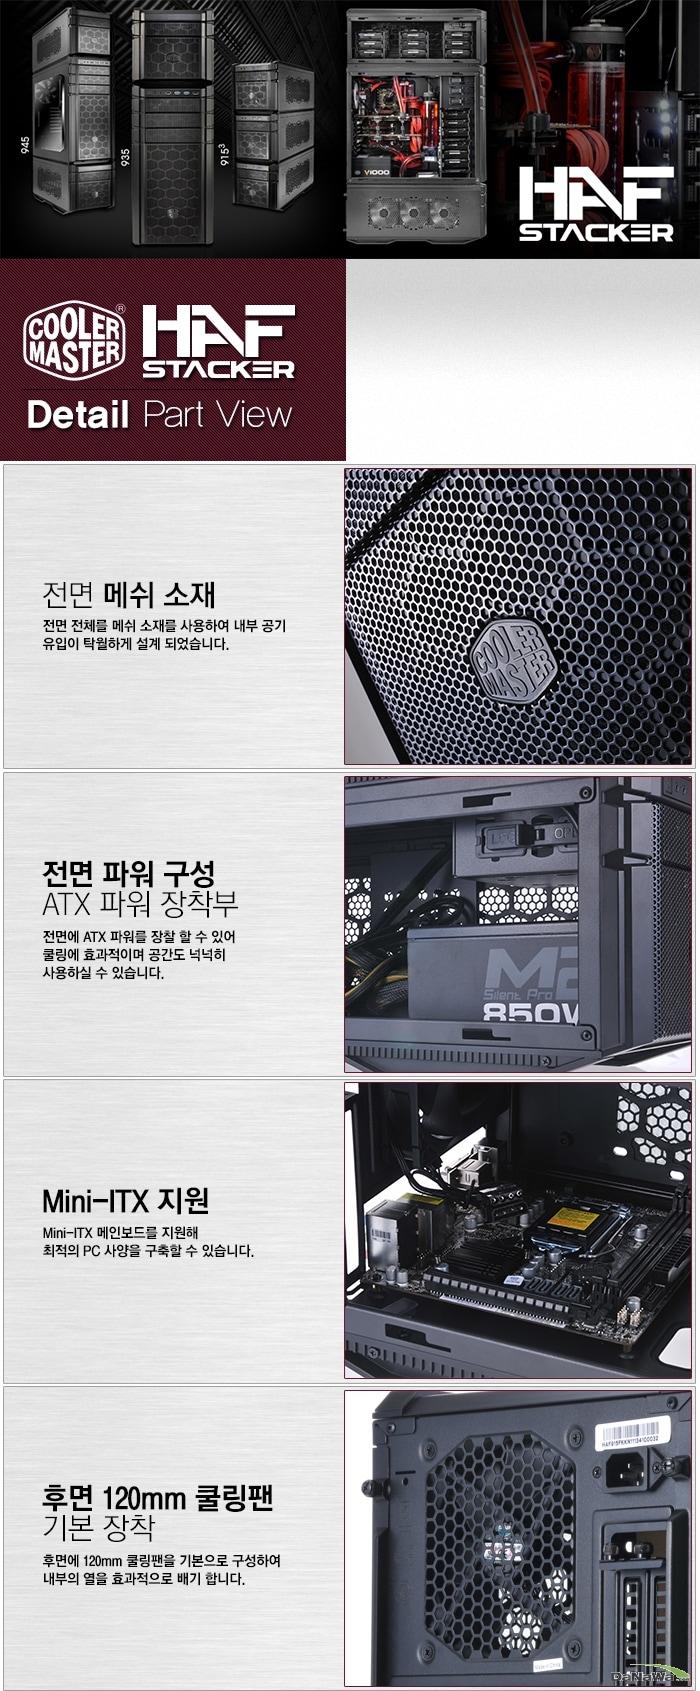 쿨러마스터 HAF STACKER 915F 전면 메쉬 소재 / 전면 파워 구성 / Mini ITX 지원 / 후면 120mm 쿨링팬 장착